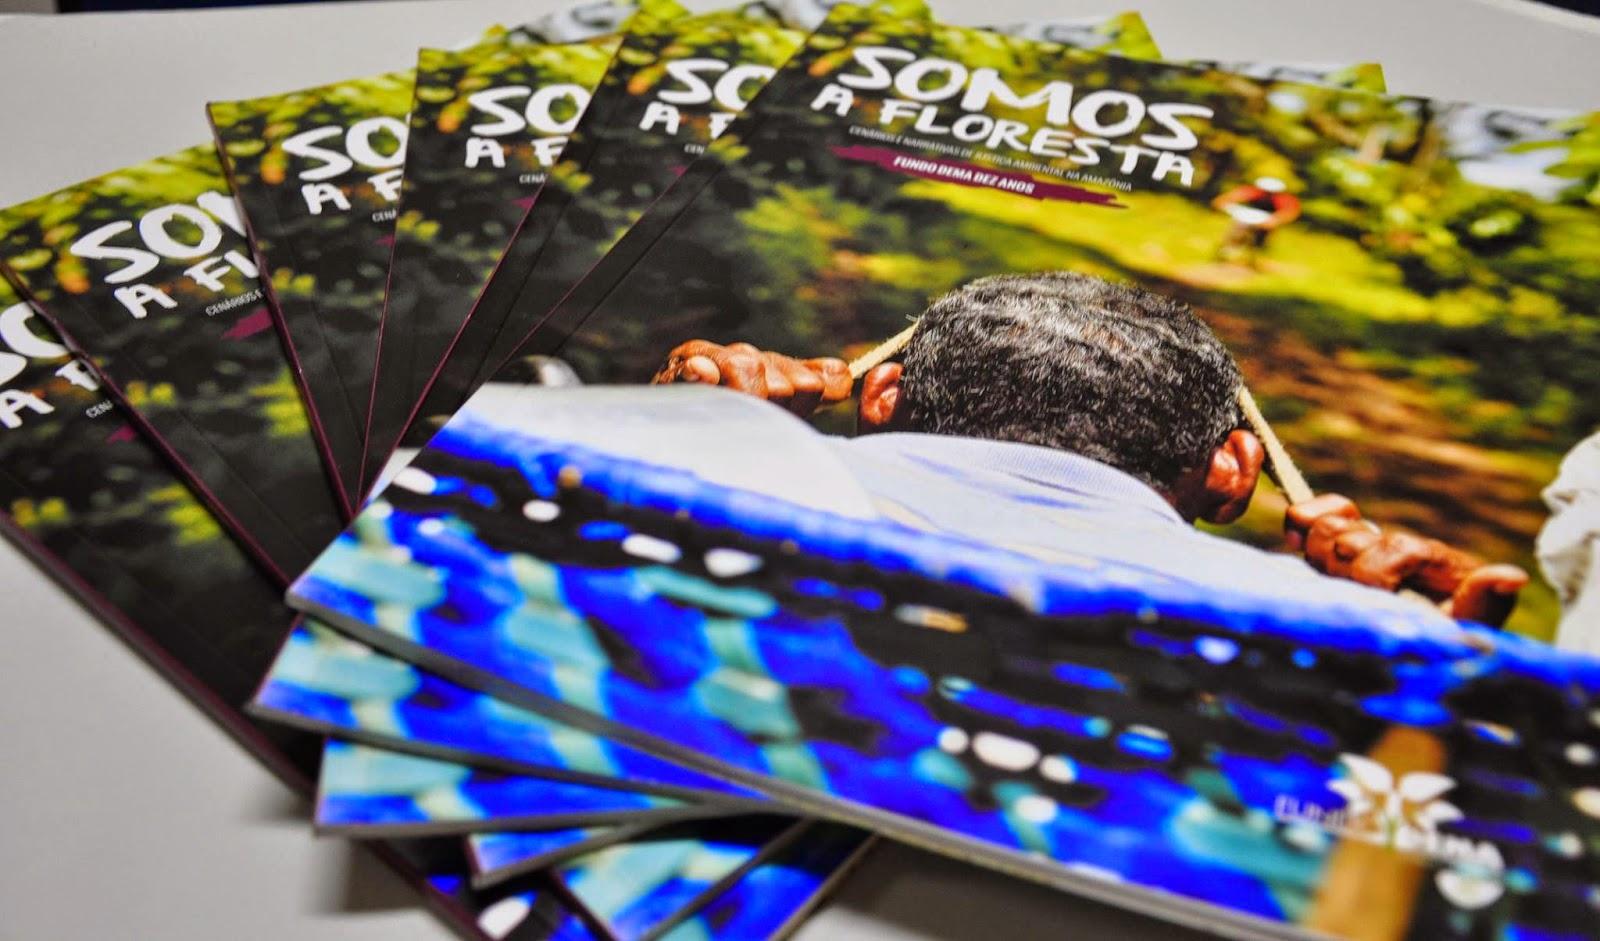 Fundo Dema celebra 10 anos com lançamento de revista